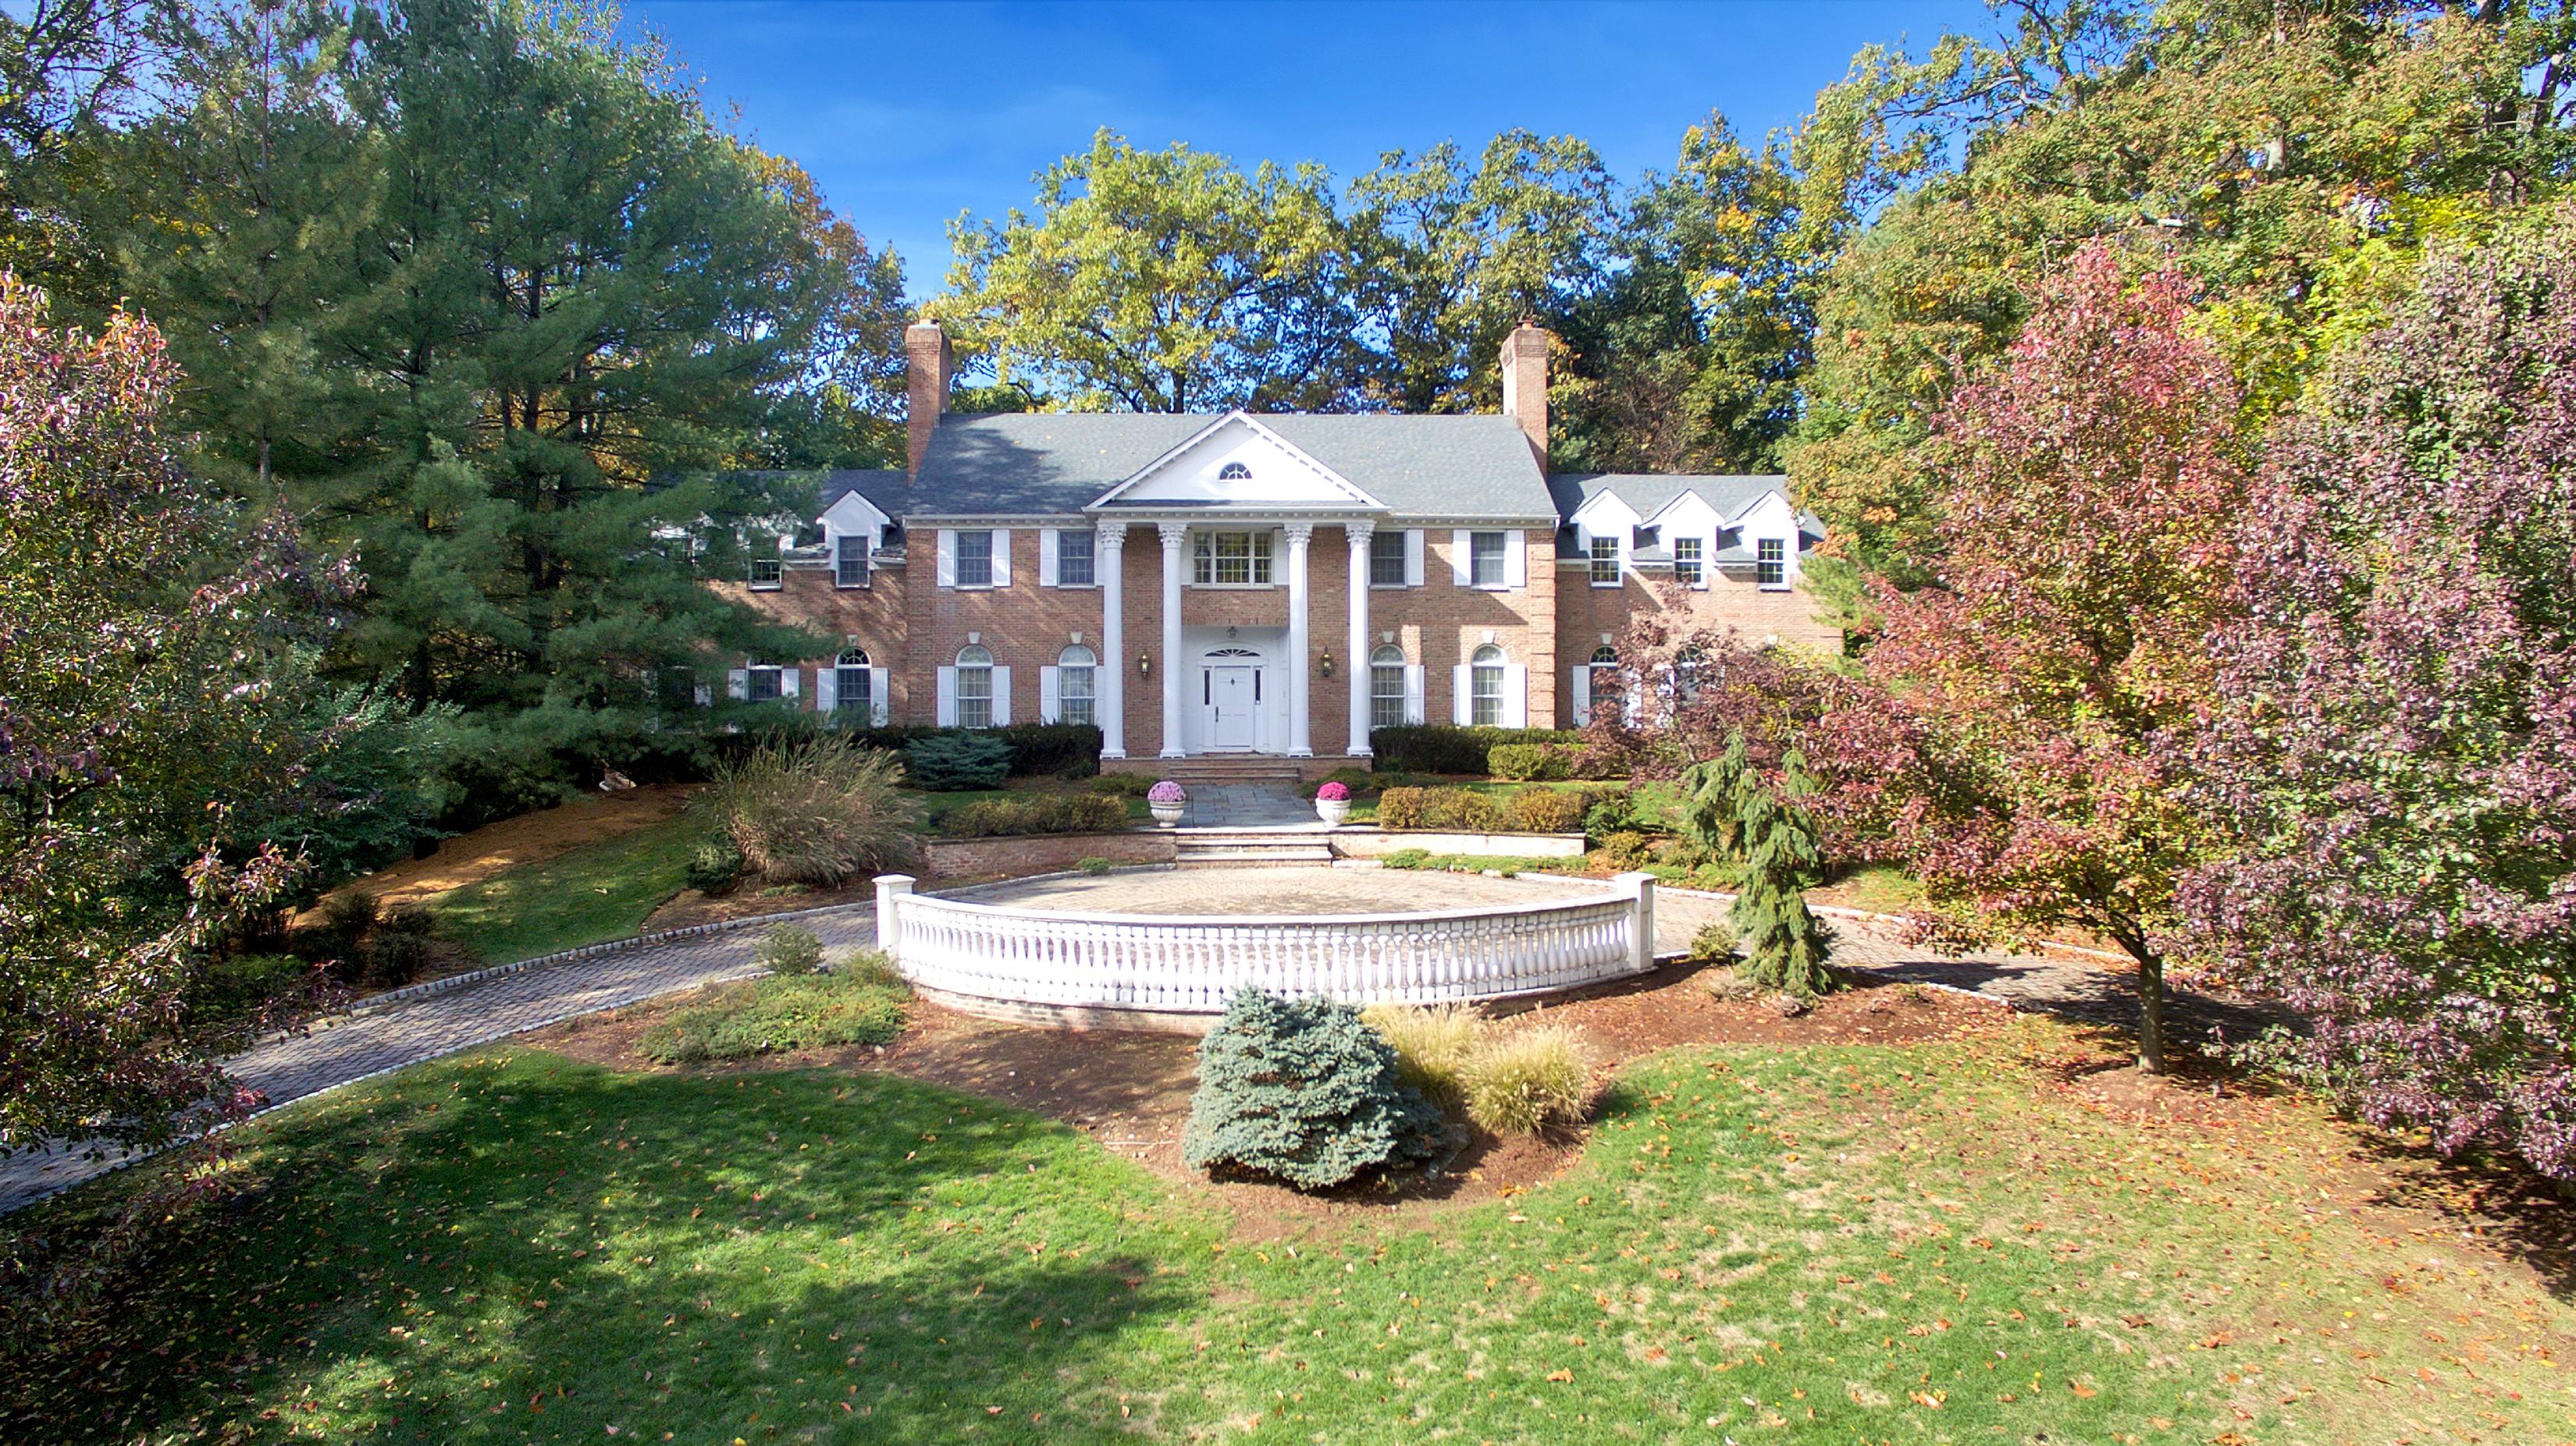 Villa per Vendita alle ore All Brick Mansion 1 Lookout Drive Saddle River, New Jersey, 07458 Stati Uniti